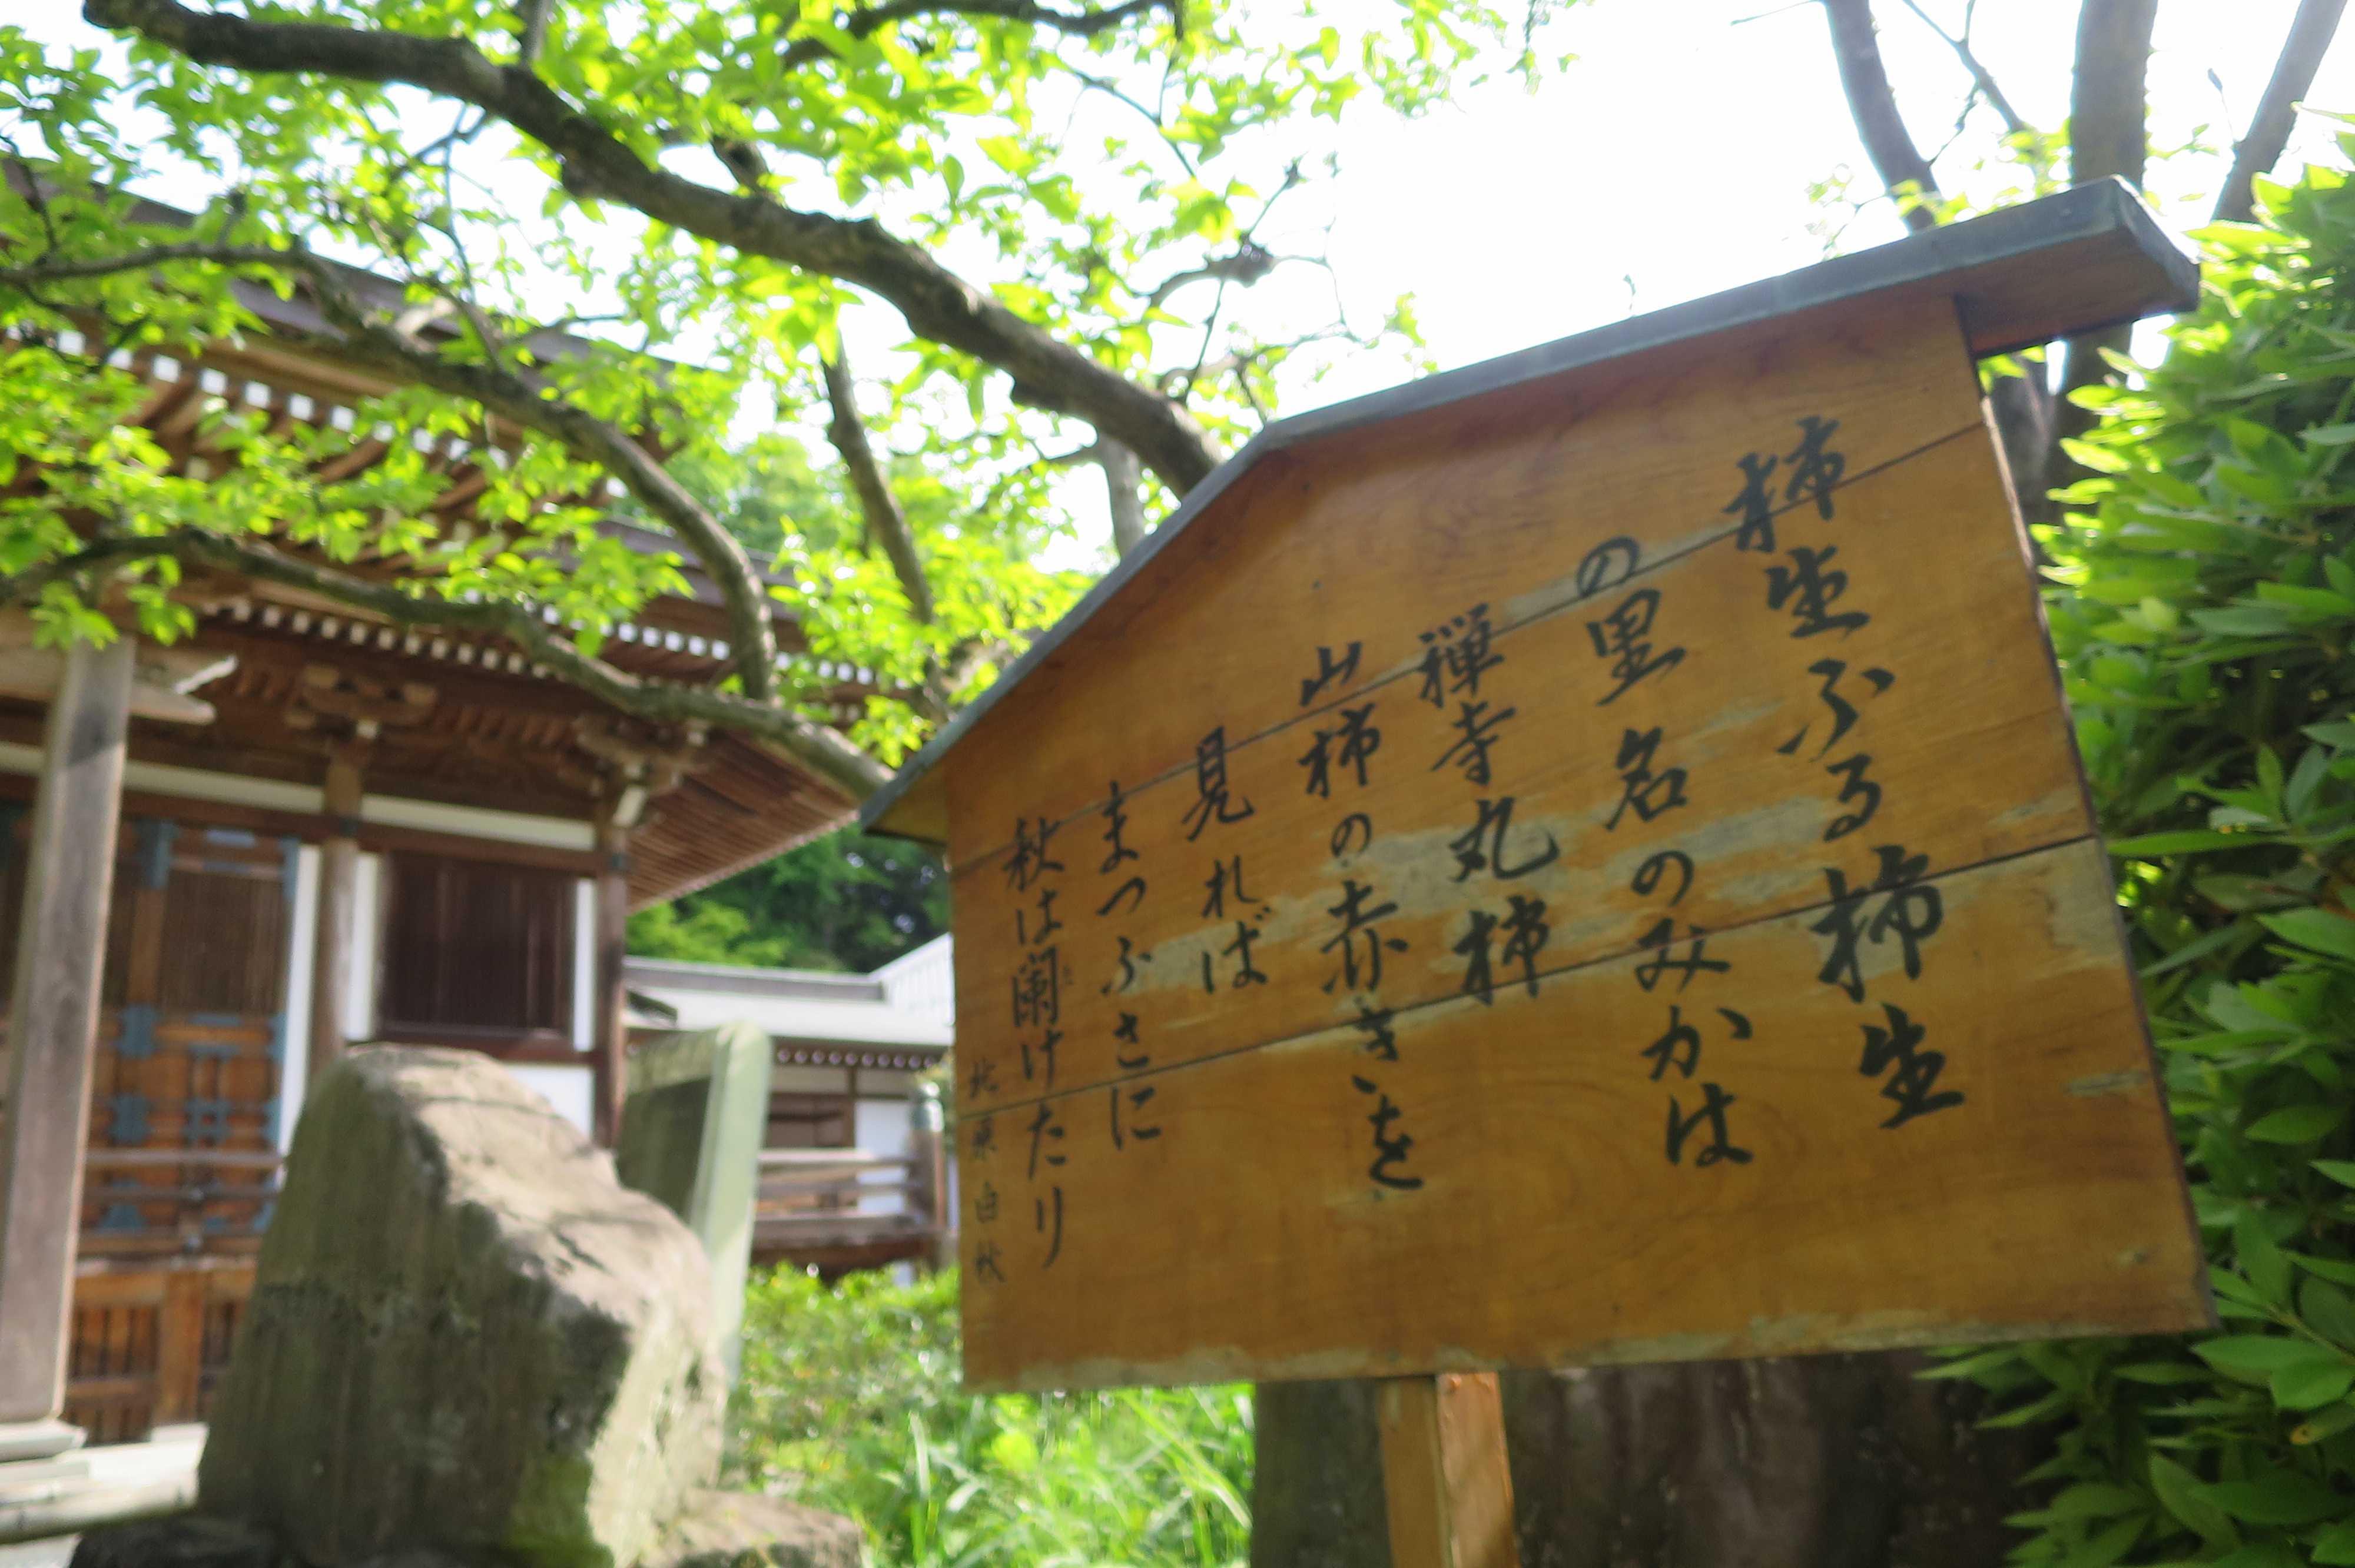 王禅寺の北原白秋の句碑